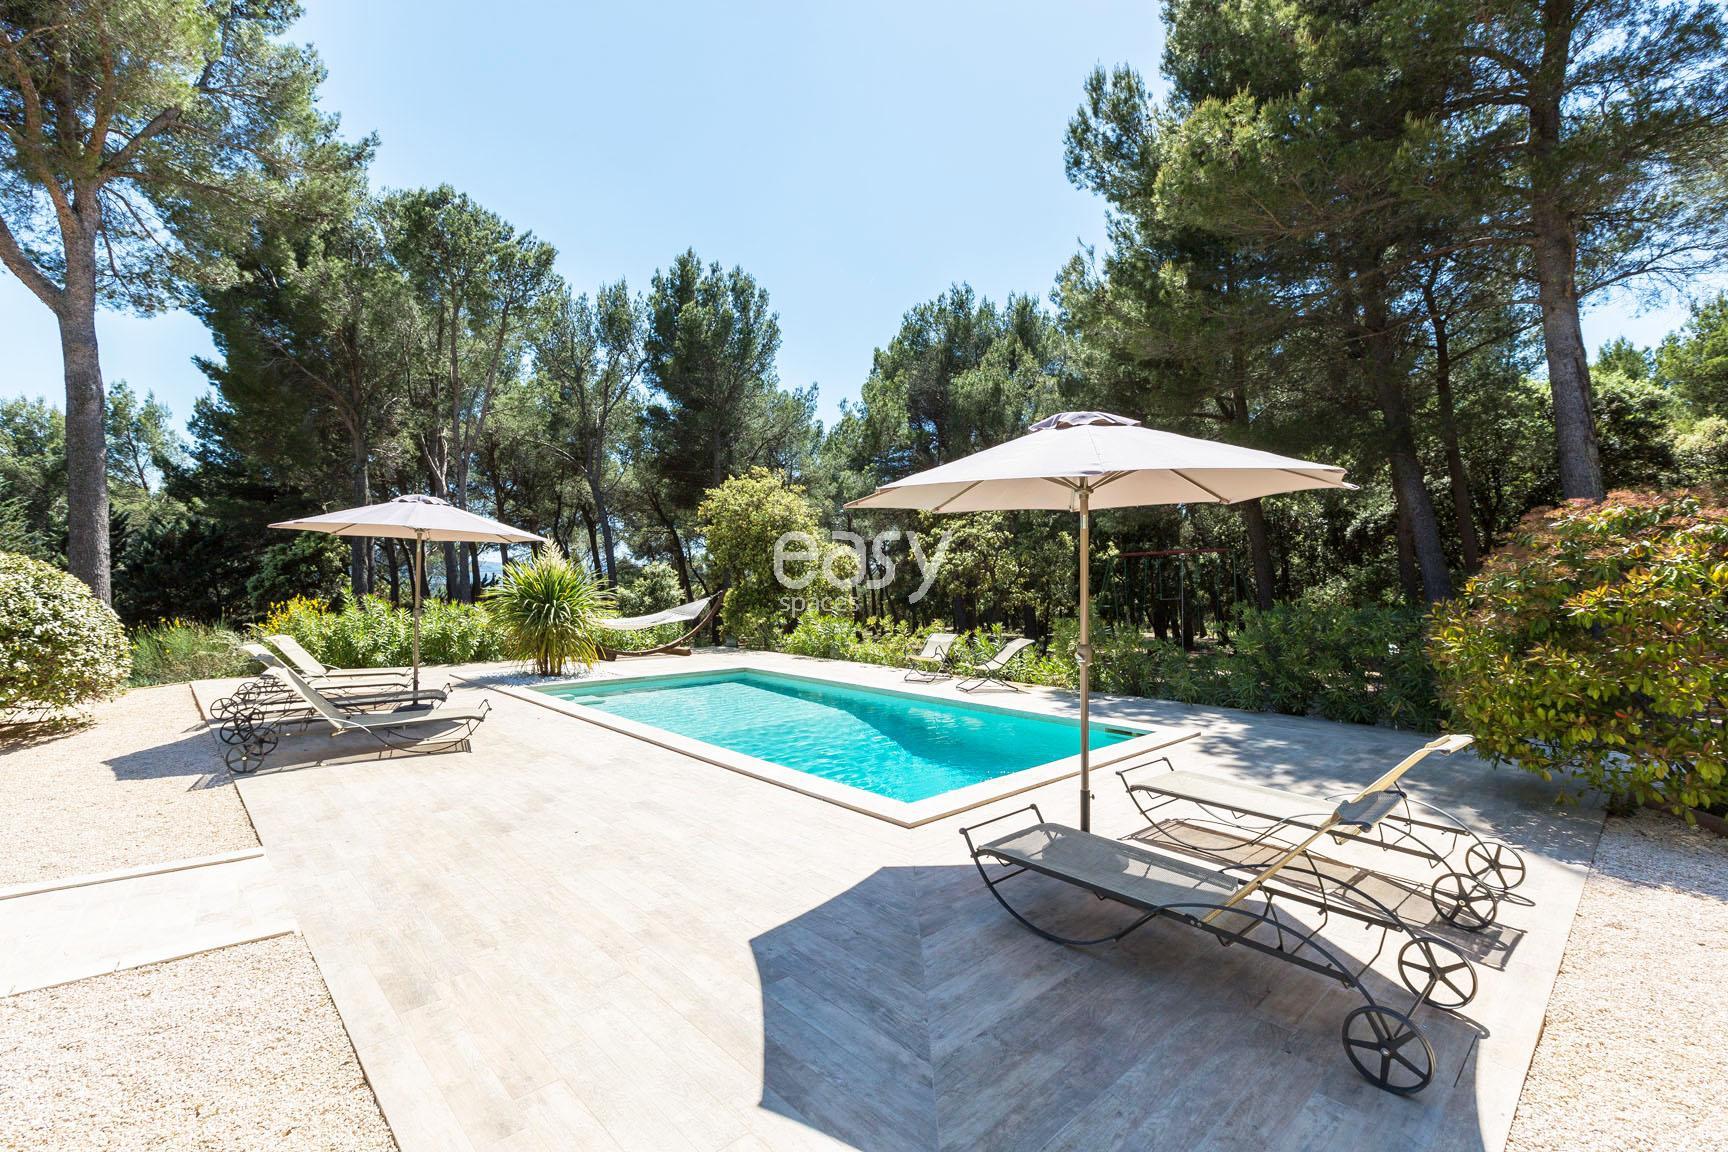 Piscine pour maison elegant petit mas avec piscine prive - Piscine saint vincent de tyrosse ...